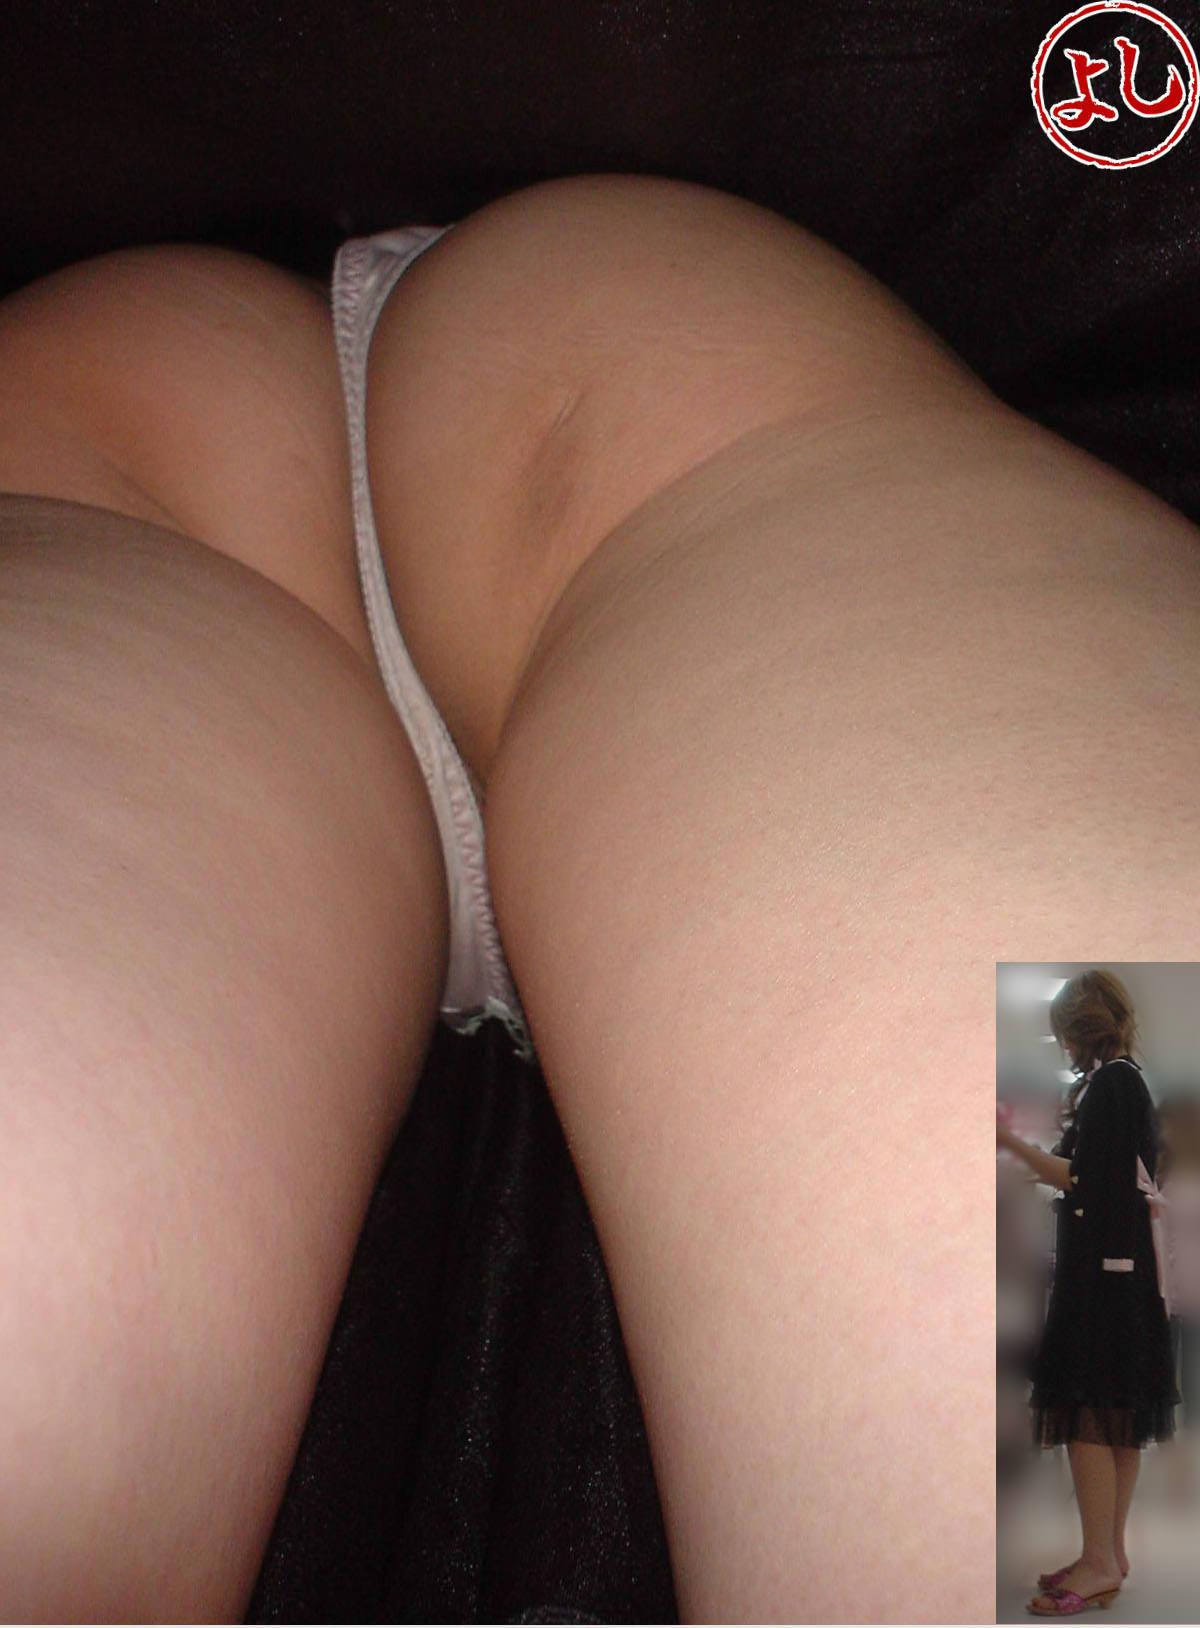 Tバックとかいうエロい下着を履いた素人女性www逆さ撮りパンチラこっそり撮影wwwwwww 1534 1